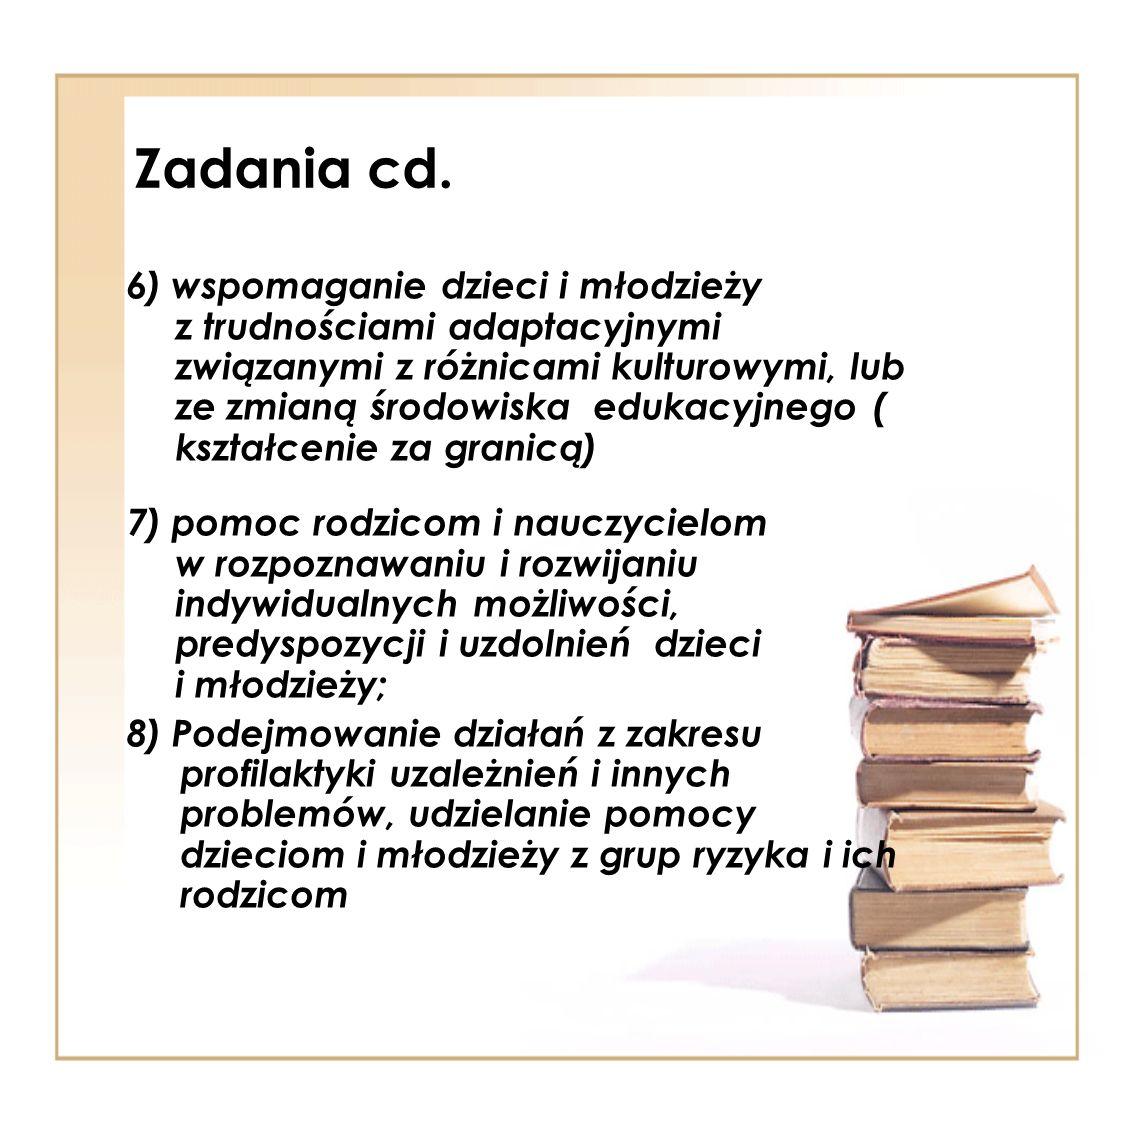 Zadania cd. 6) wspomaganie dzieci i młodzieży z trudnościami adaptacyjnymi związanymi z różnicami kulturowymi, lub ze zmianą środowiska edukacyjnego (